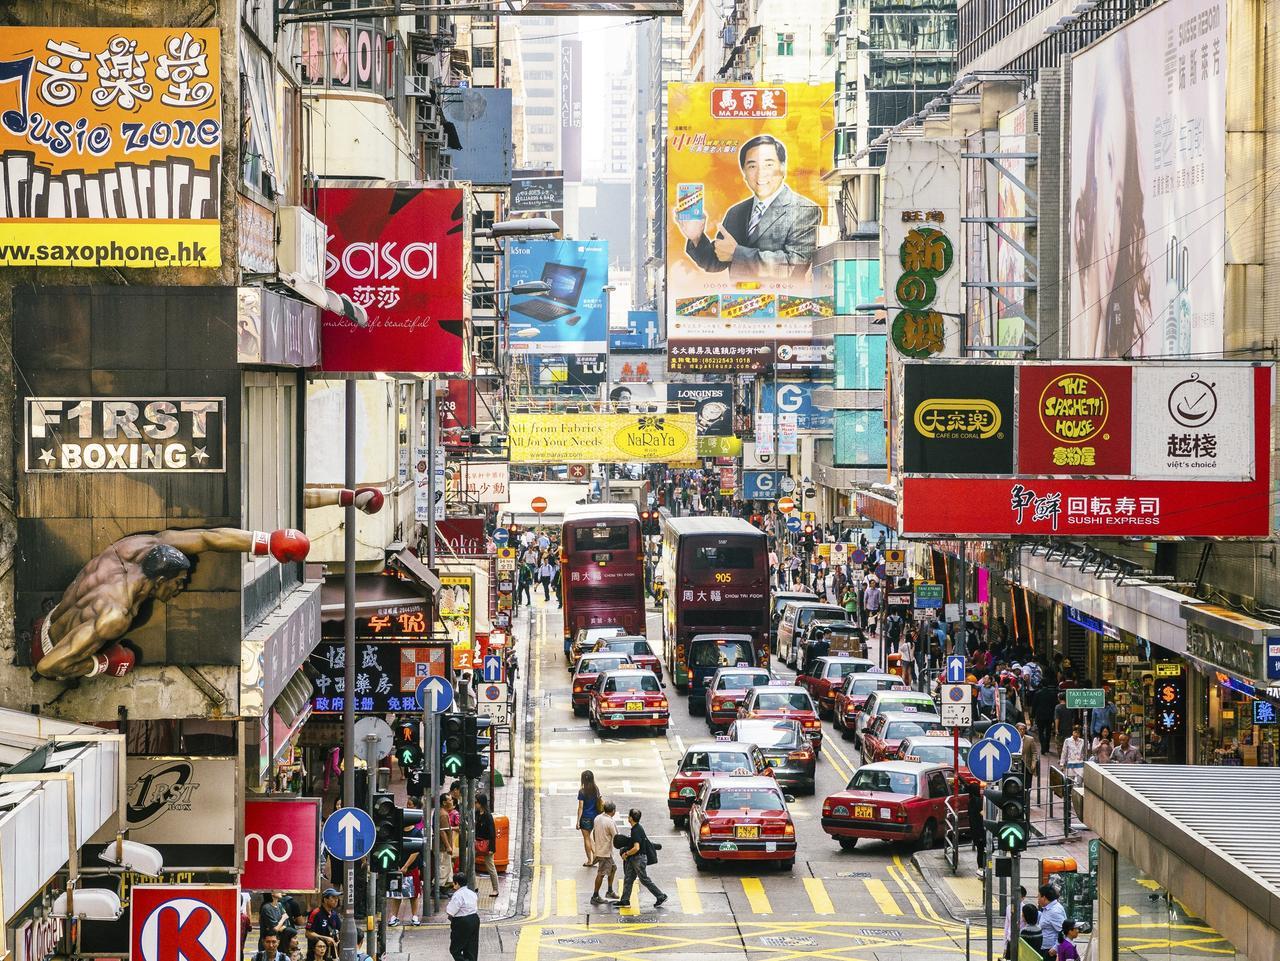 Hongkong Street Scene